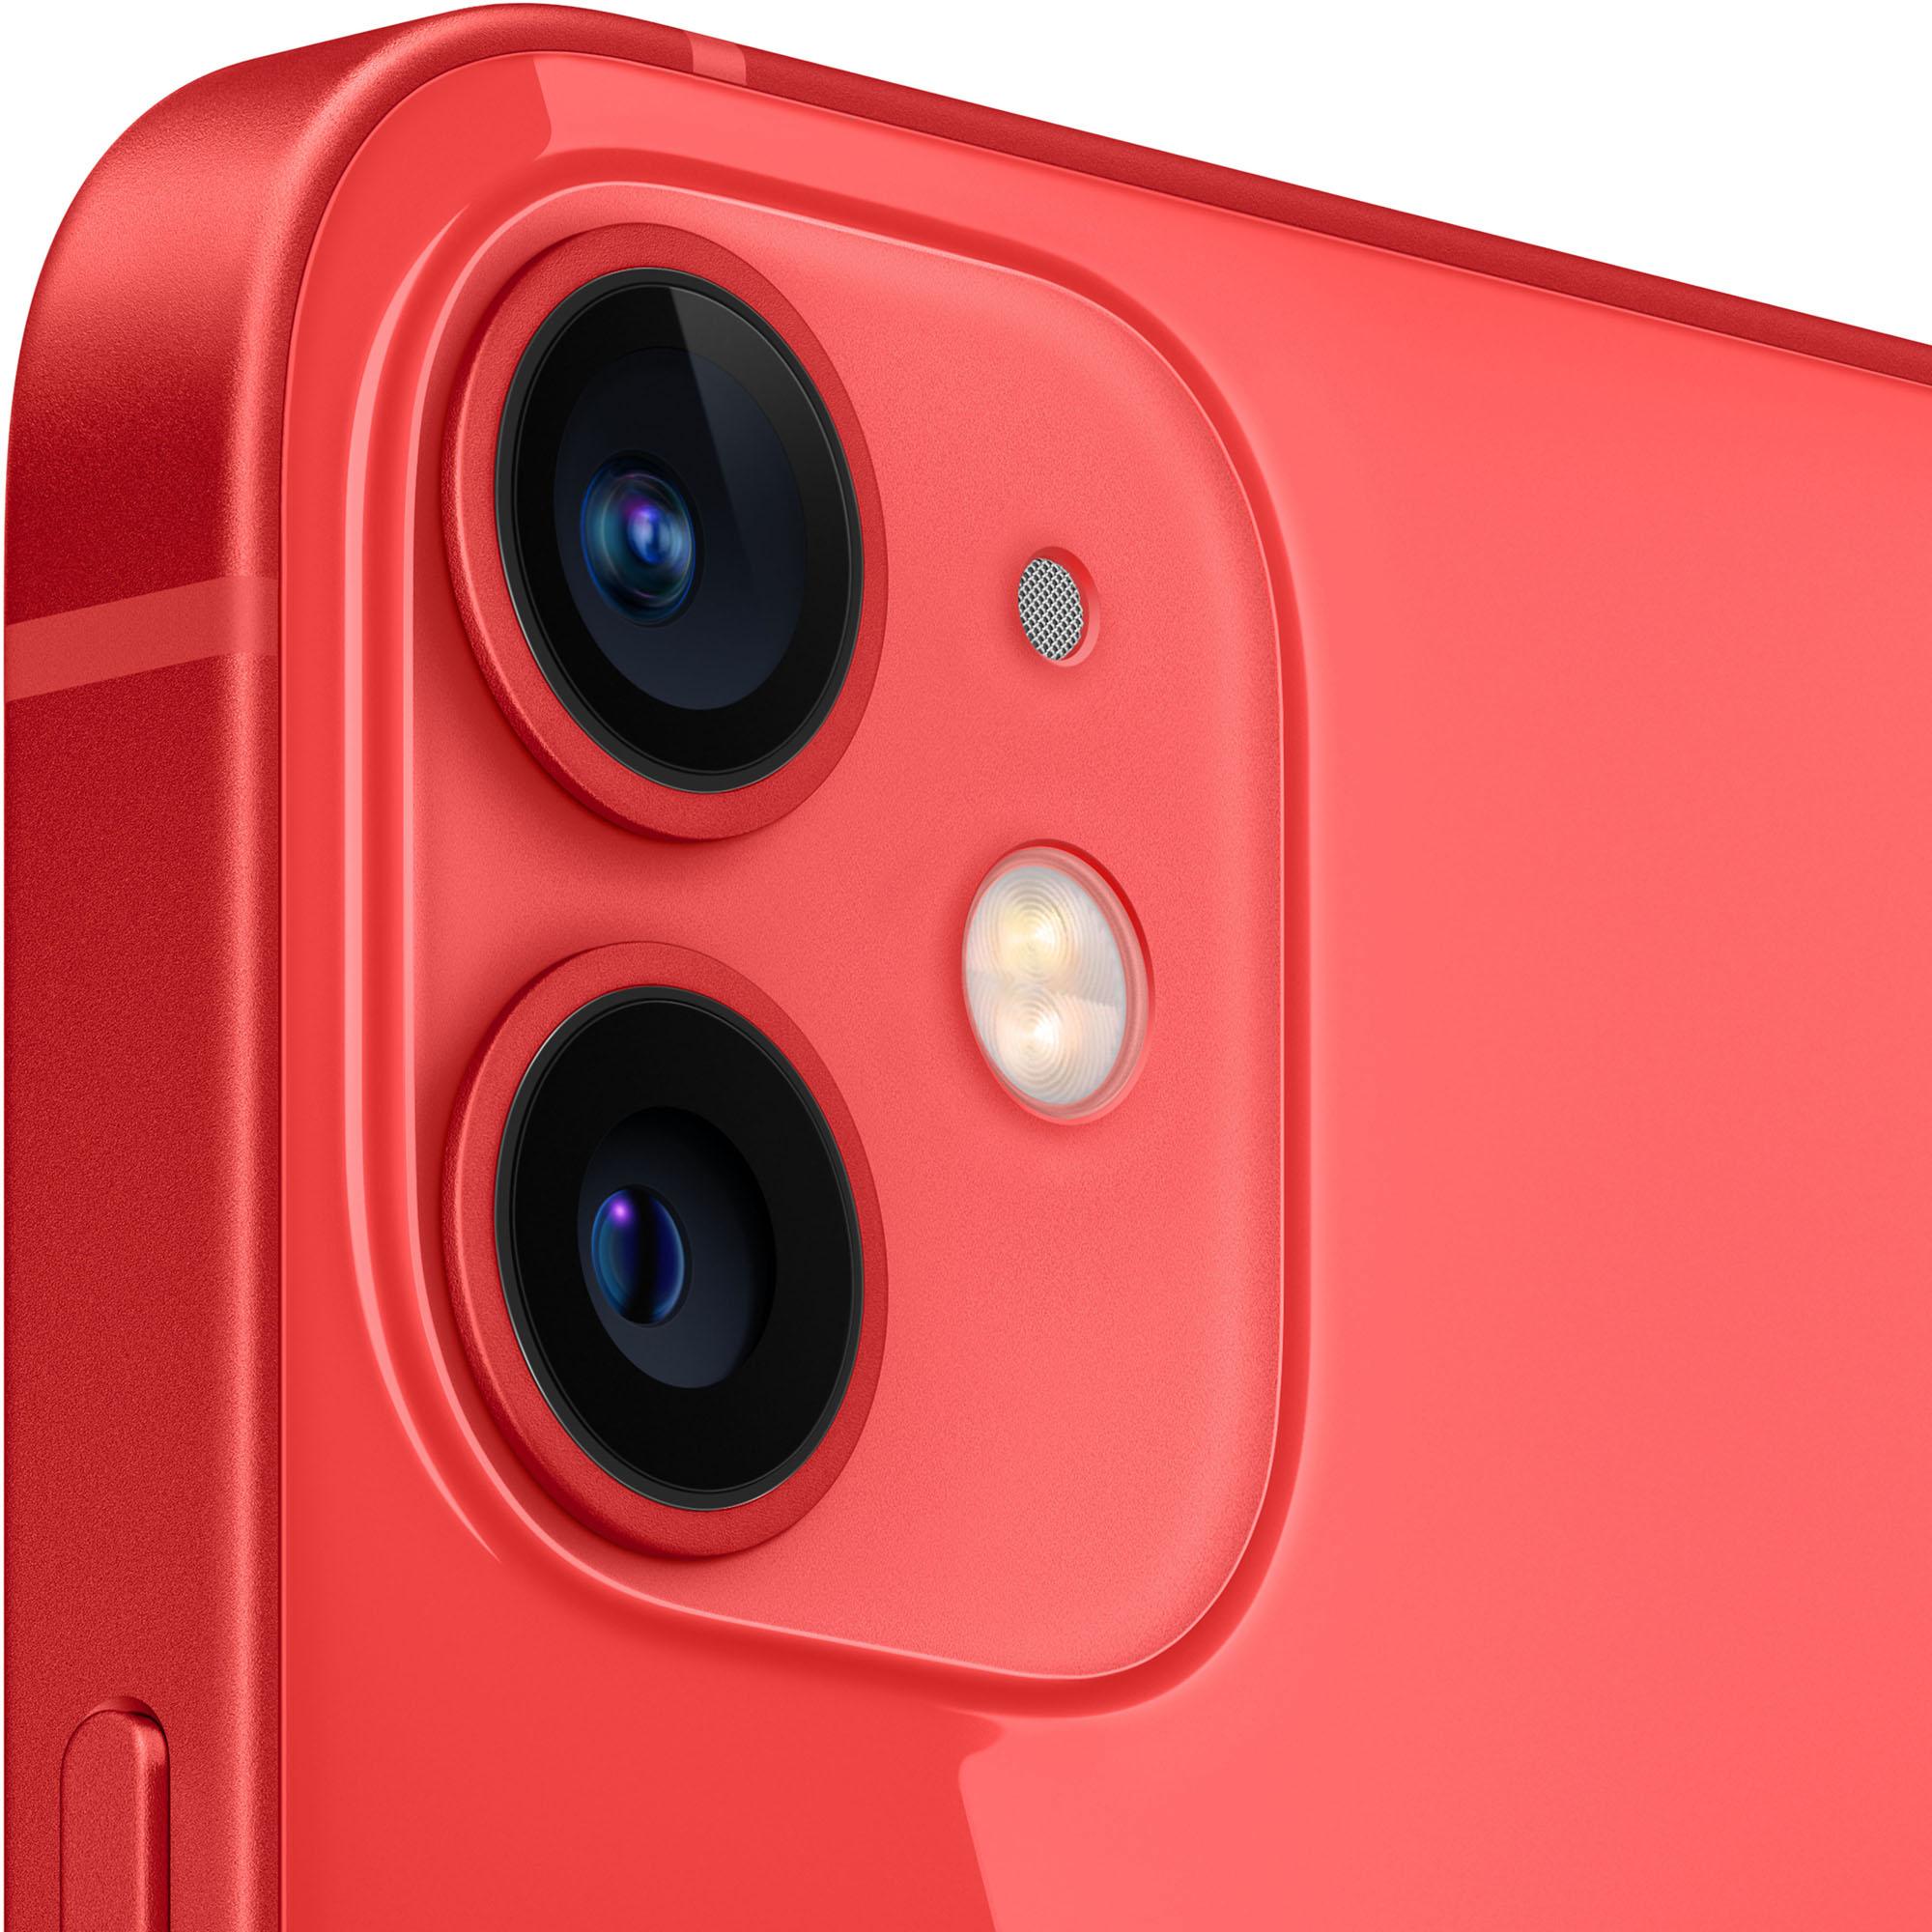 iPhone 12 mini 256GB Red - 4